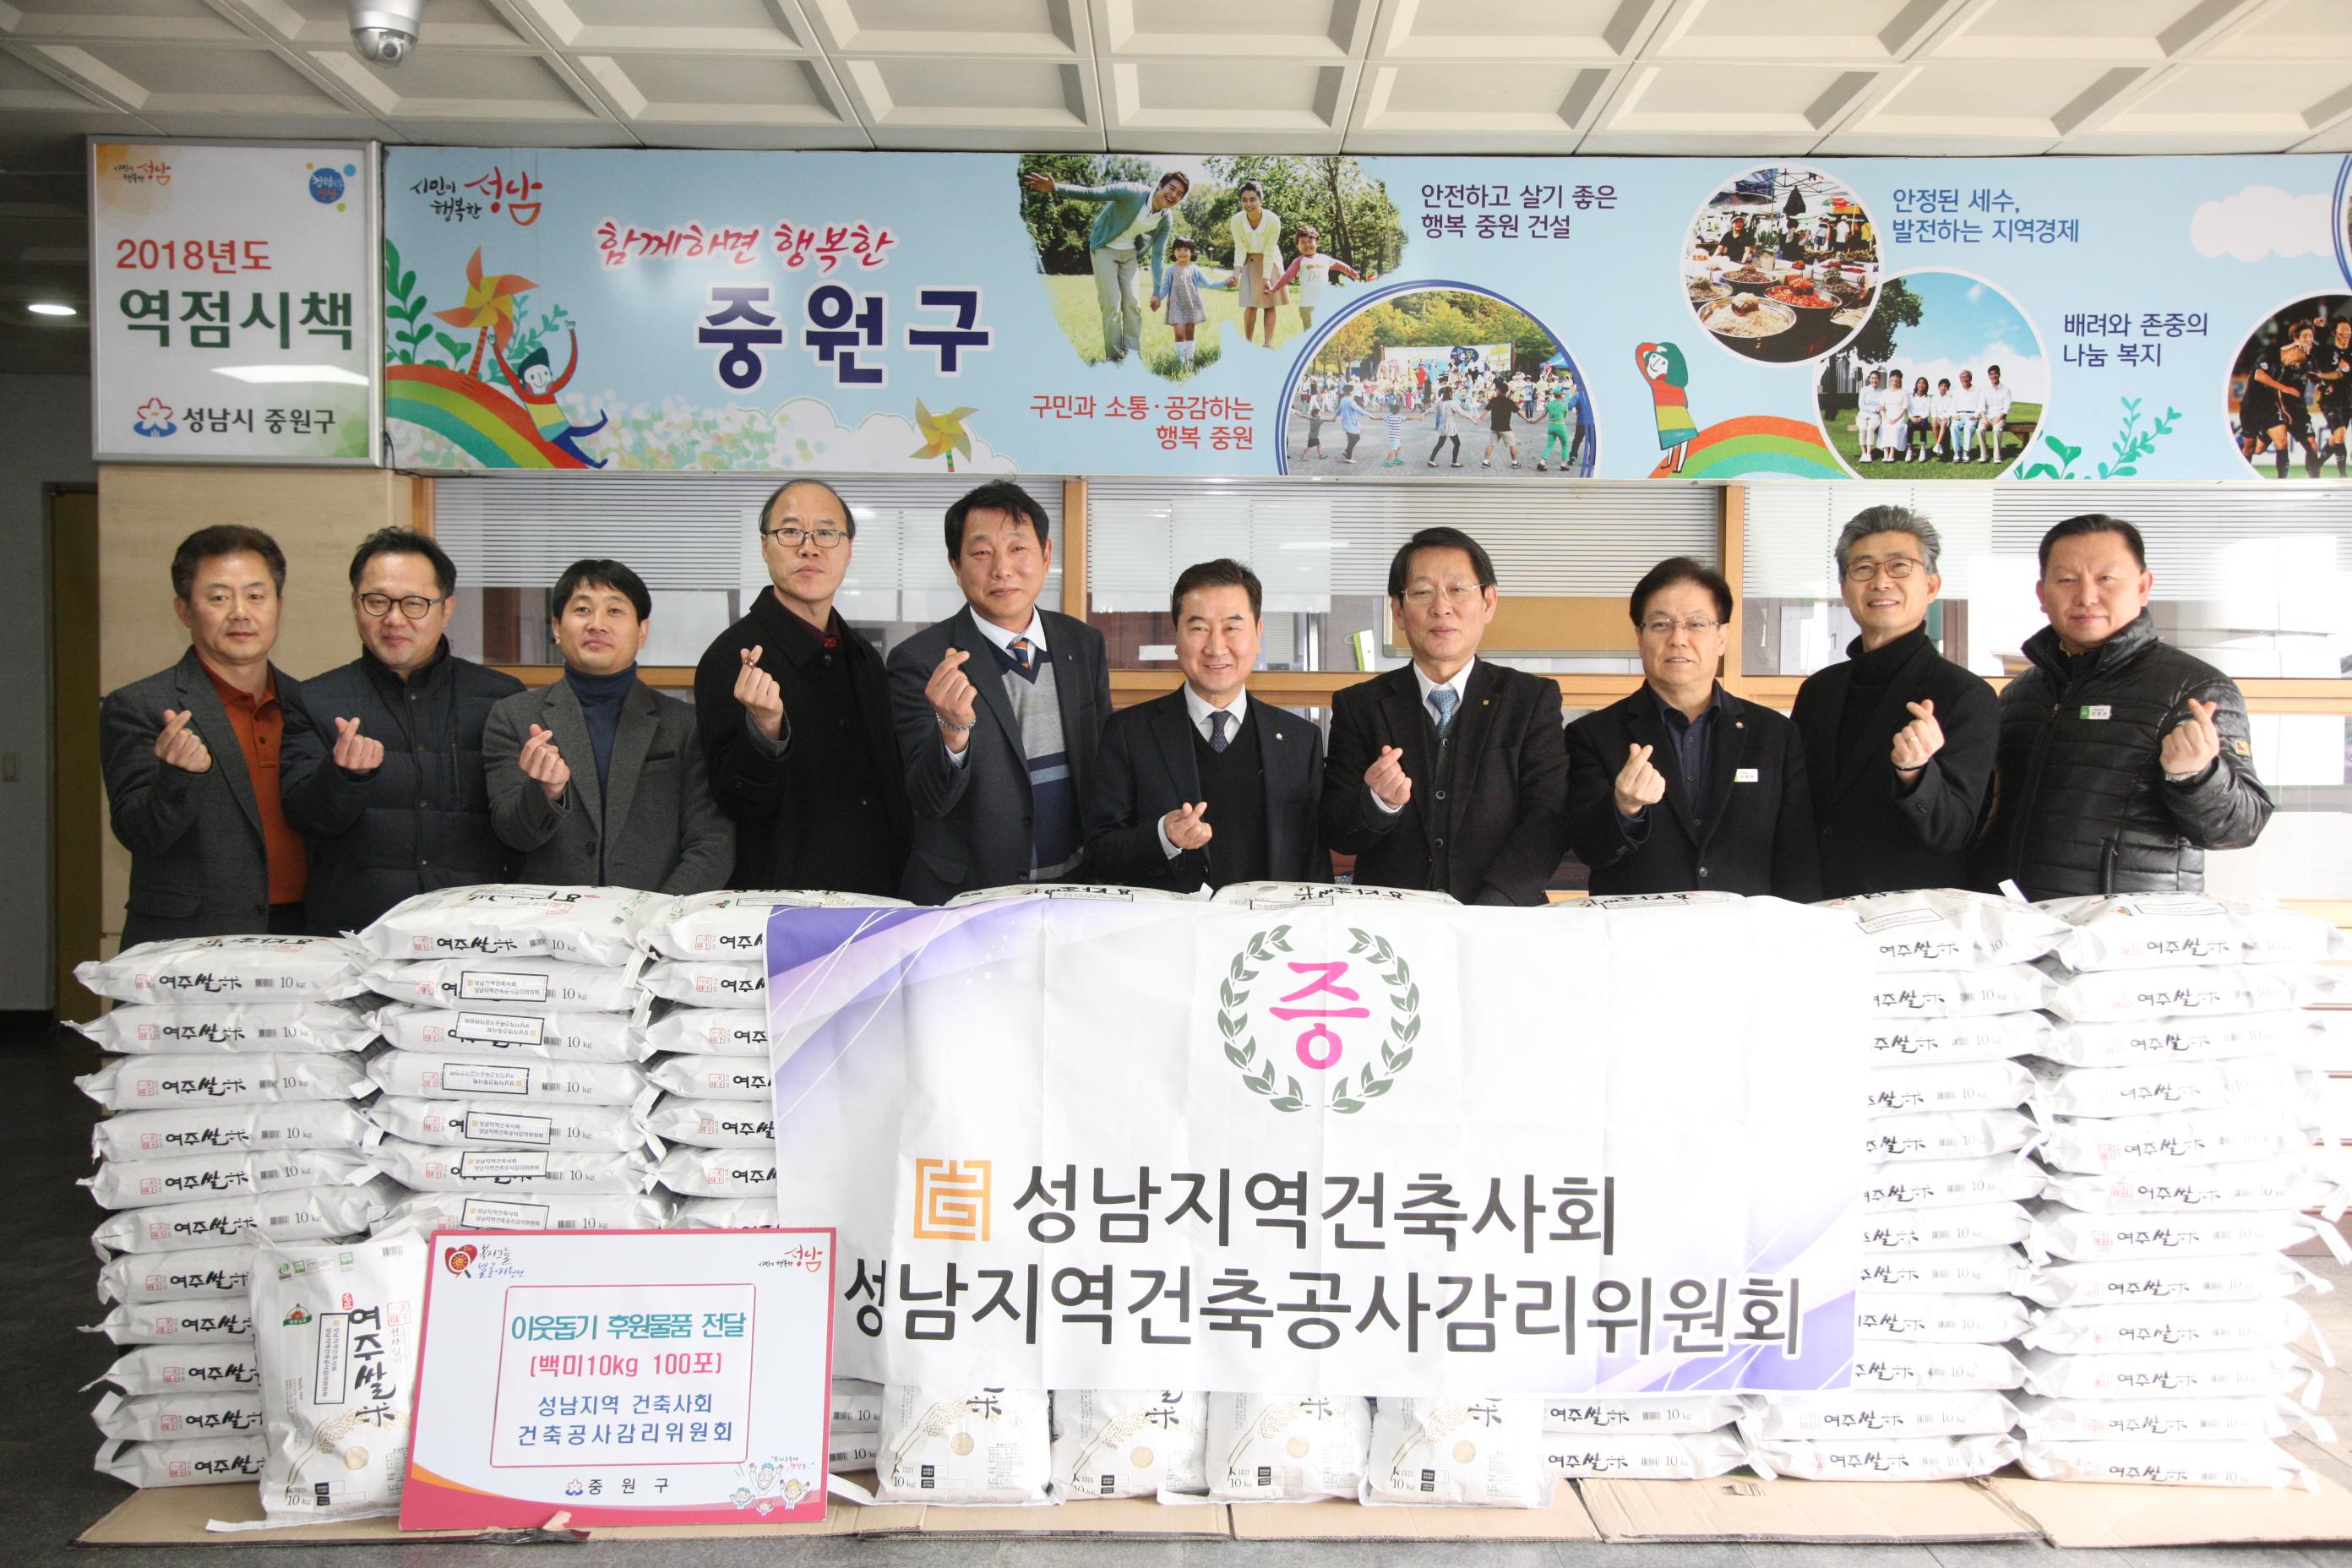 중원구 건축사협회 이웃돕기 쌀 배포 전달식